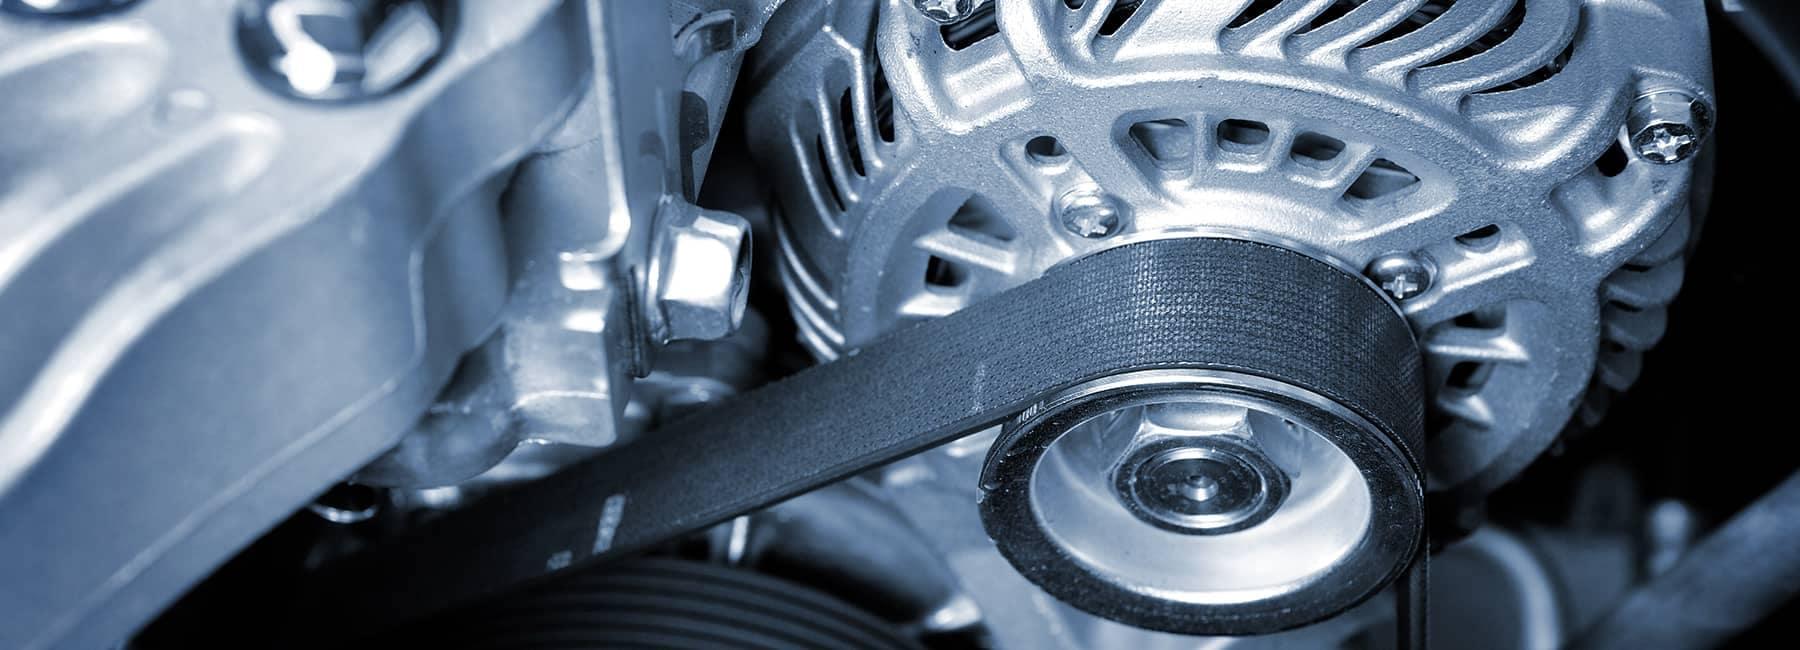 belt running in car engine